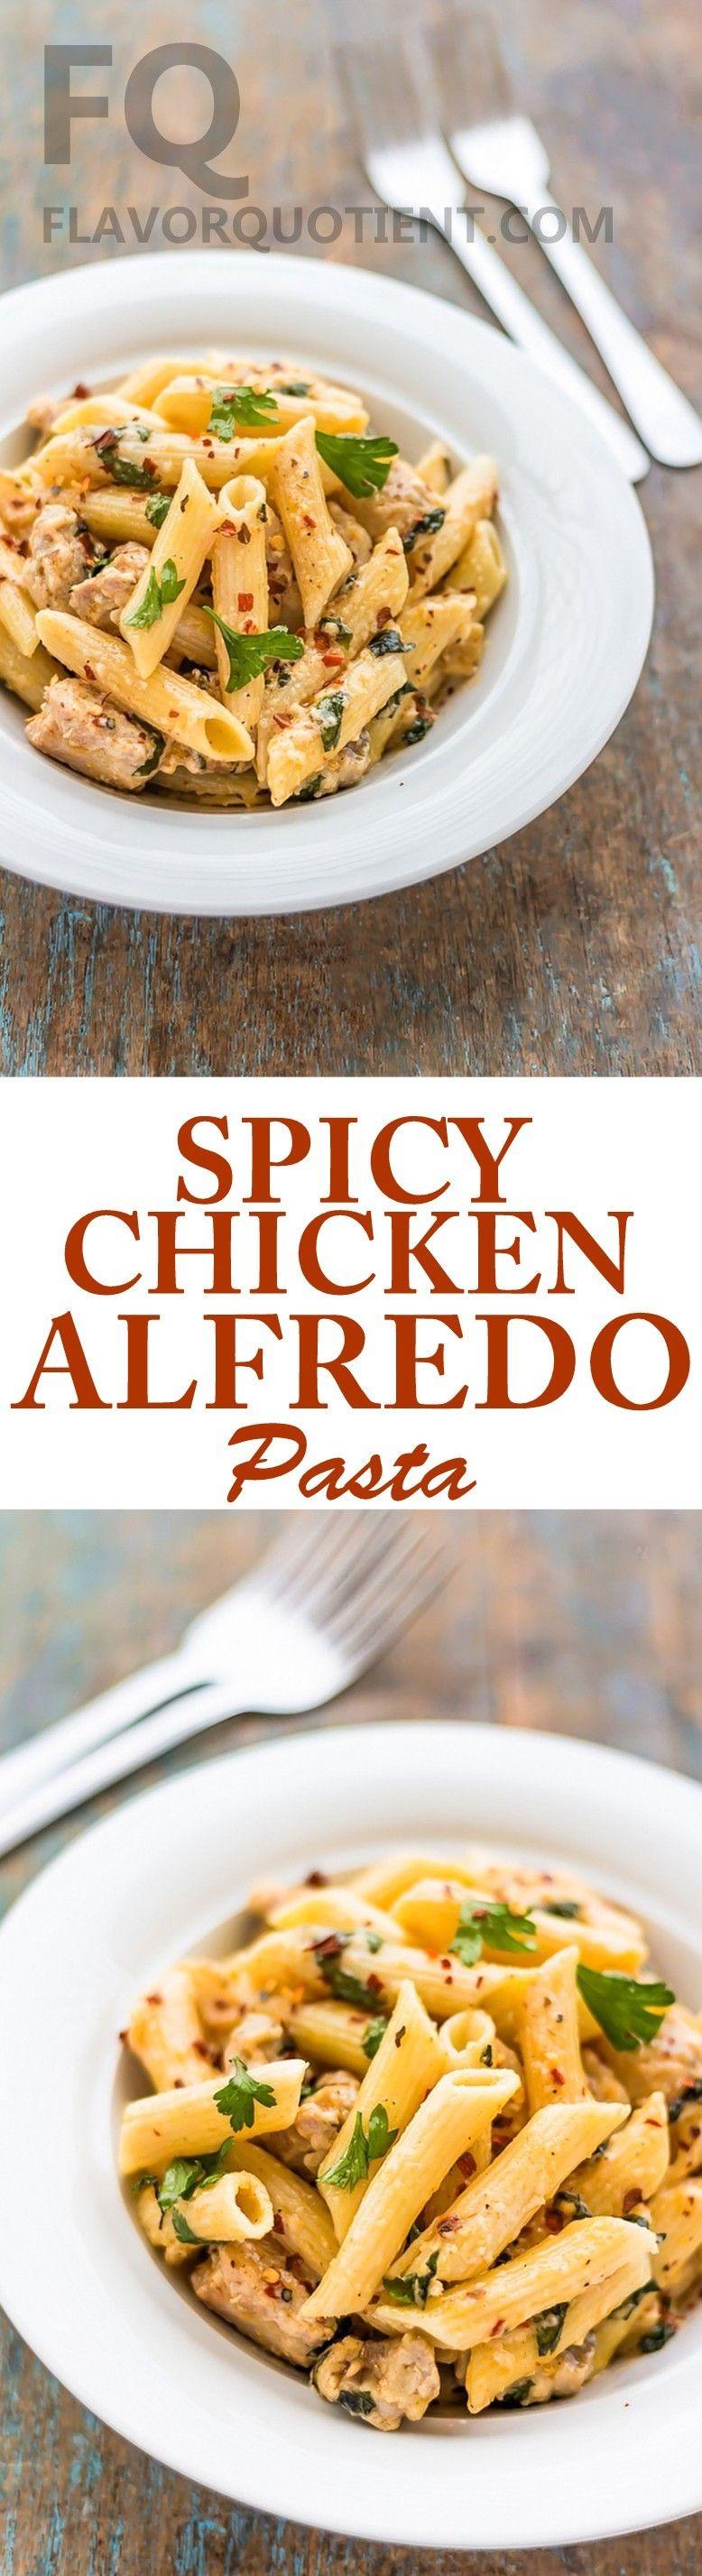 Spicy Chicken Alfredo Pasta | Recipe | Easy healthy pasta ...